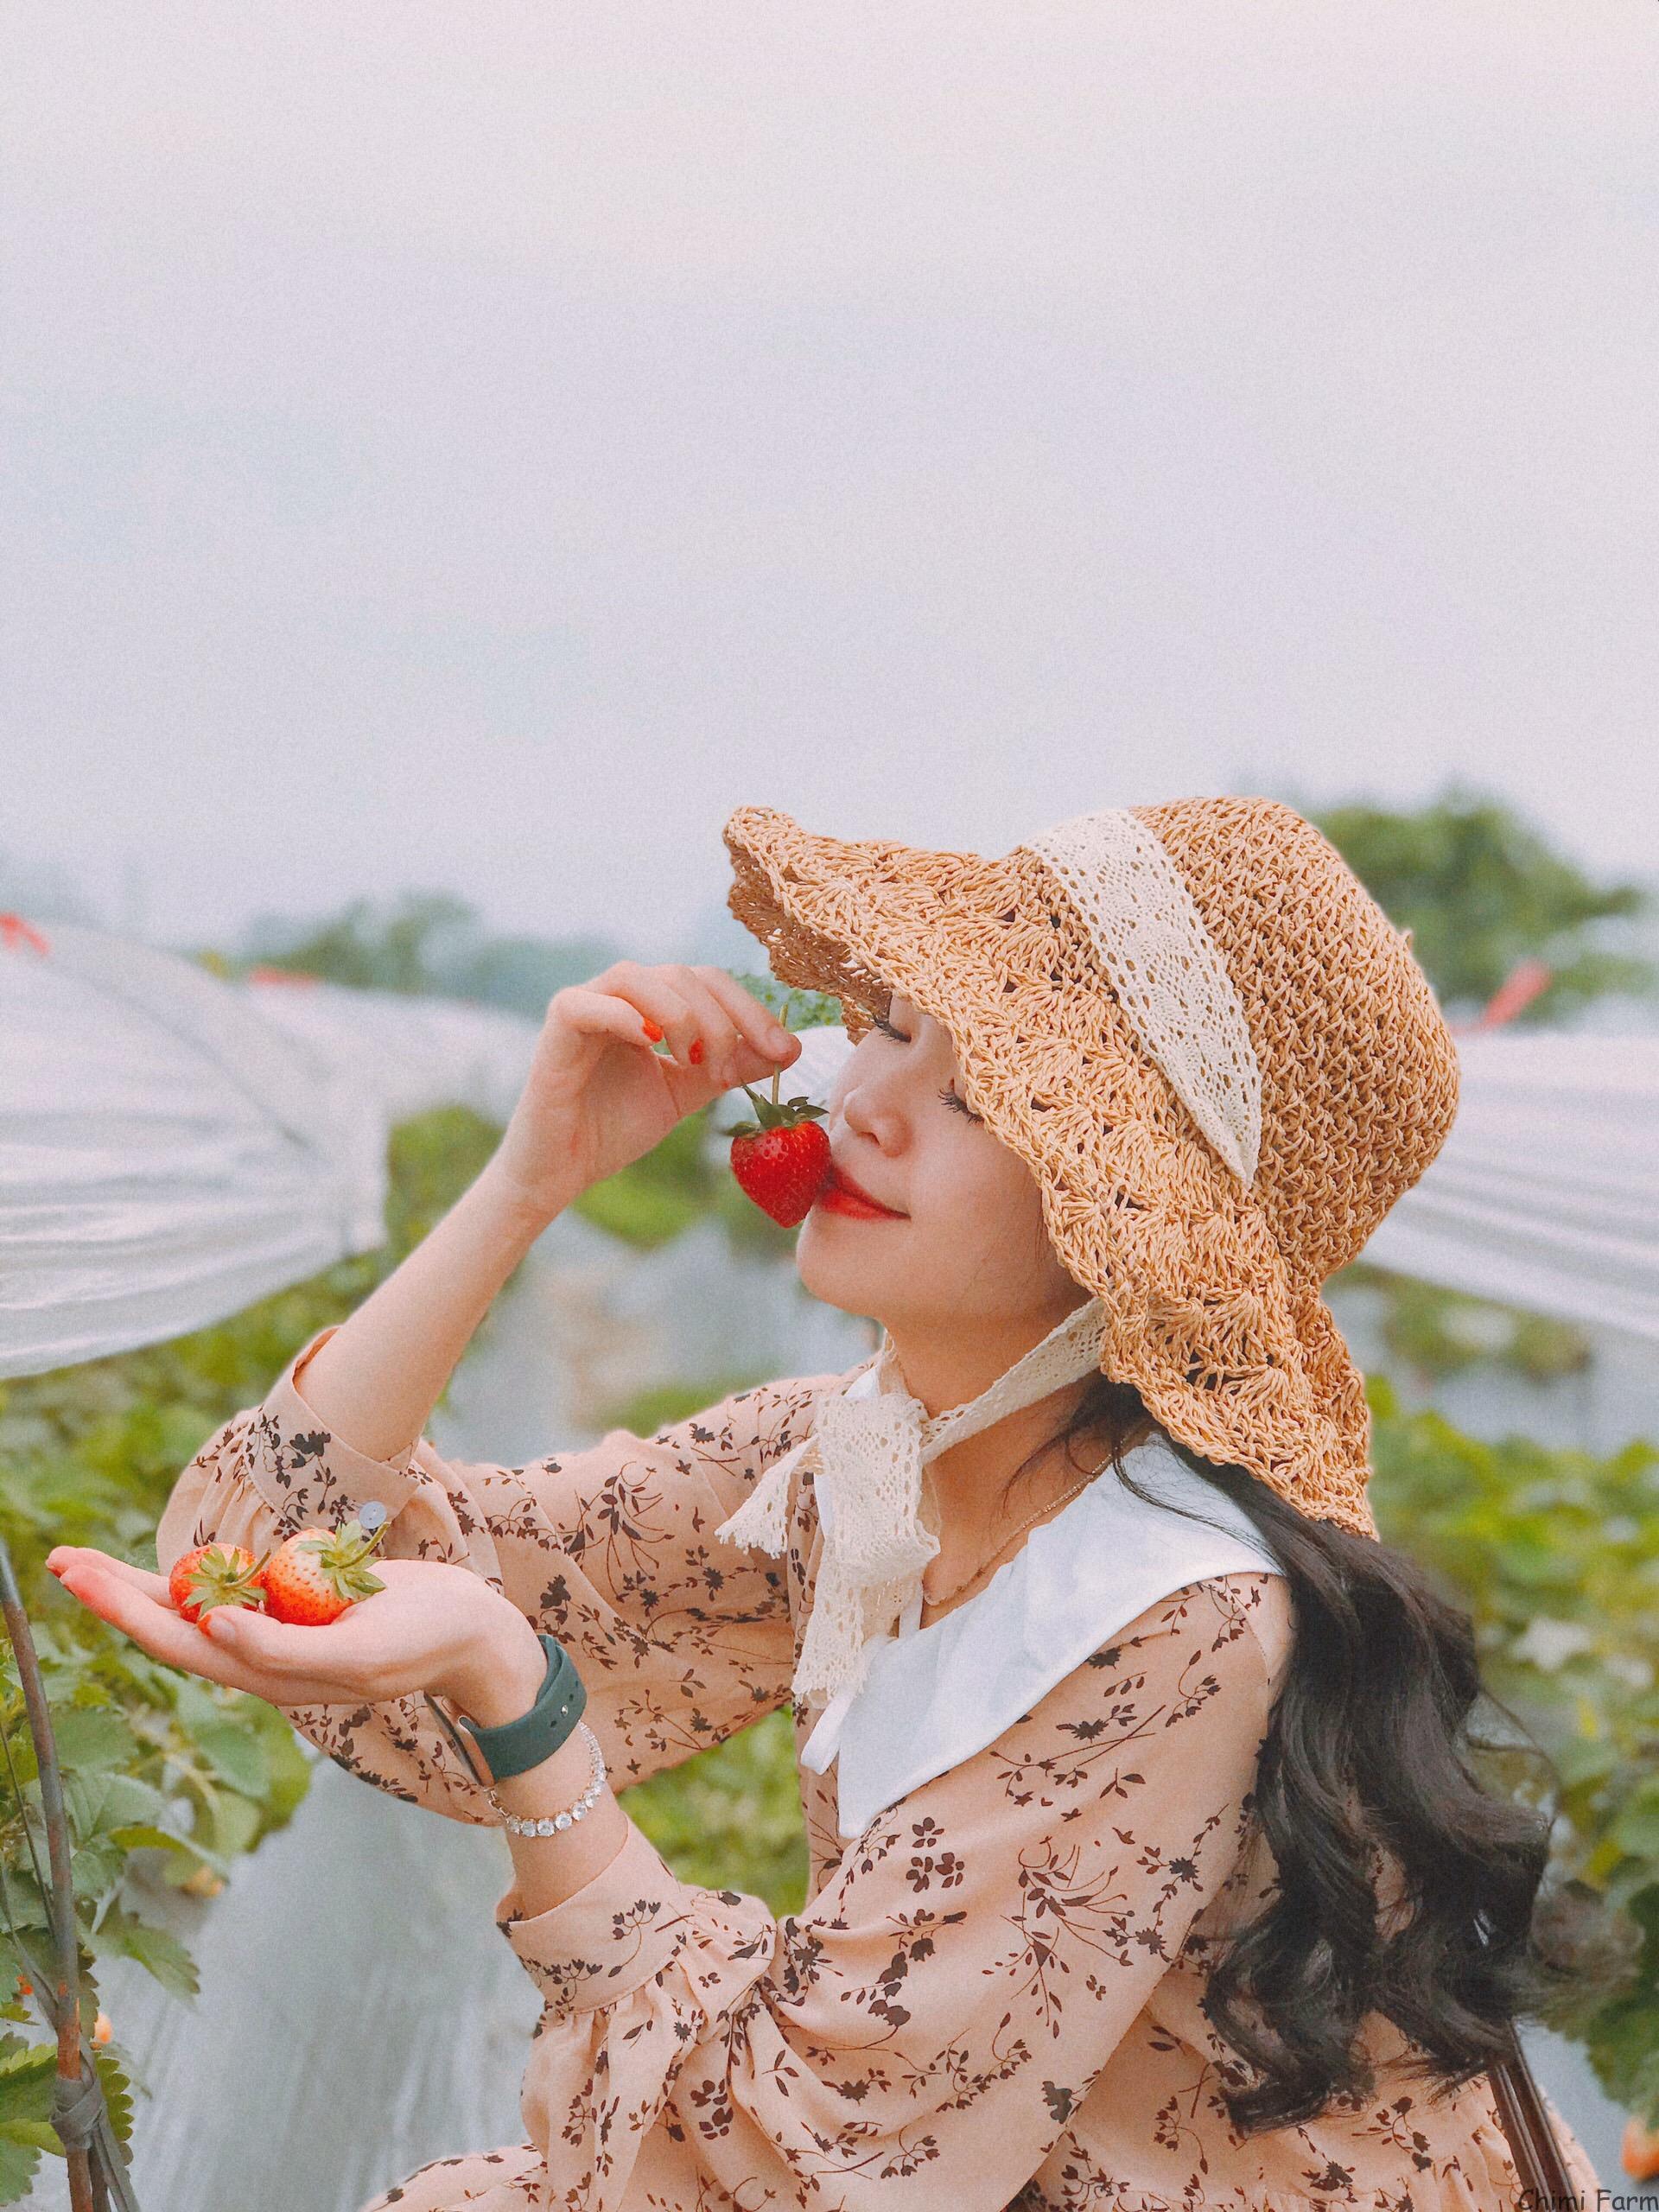 Chimi Farm 3 tại ngõ 264 Âu Cơ, Hà Nôi, bên trong vườn hoa bãi đá sông Hồng